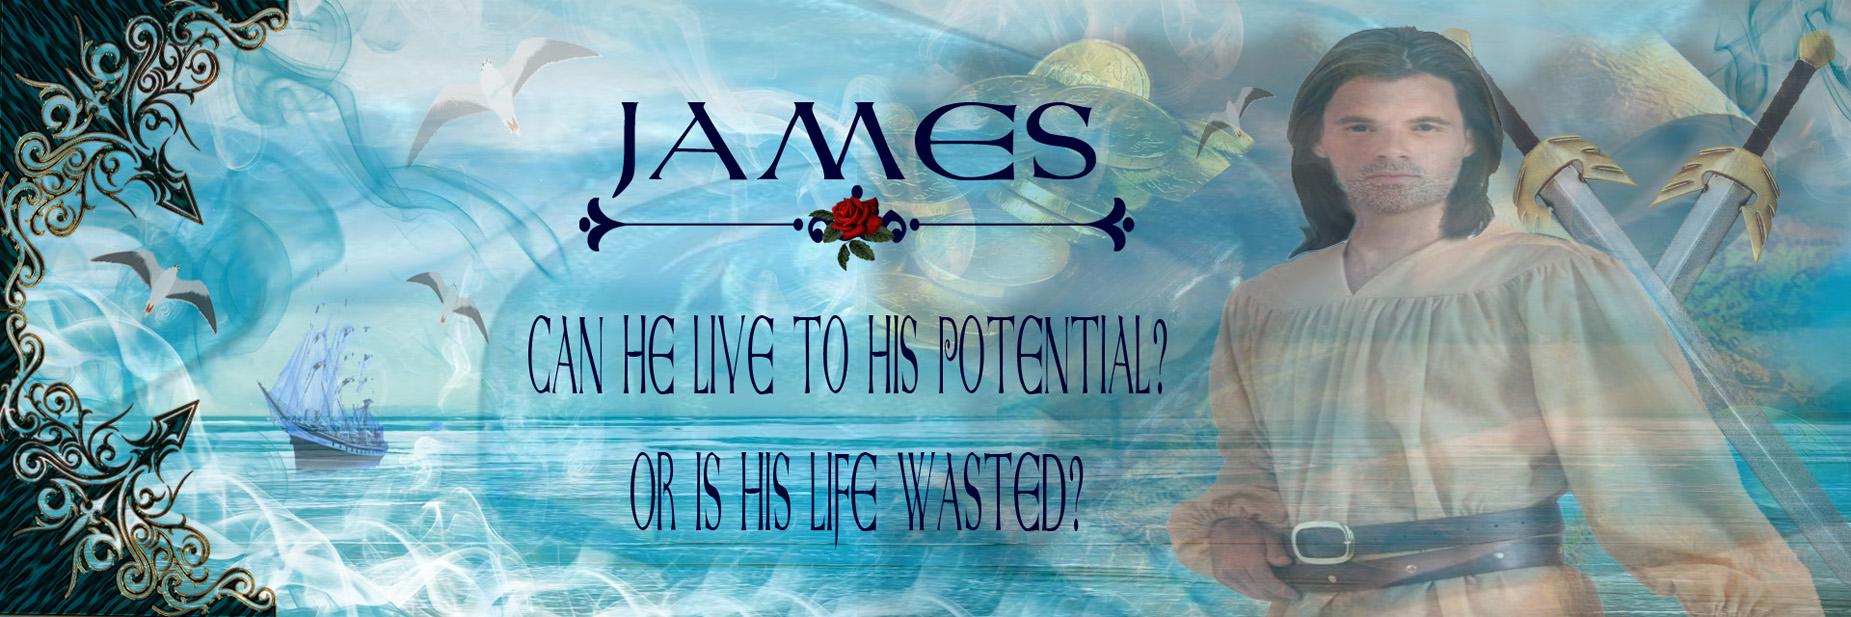 JamesHeader I,James